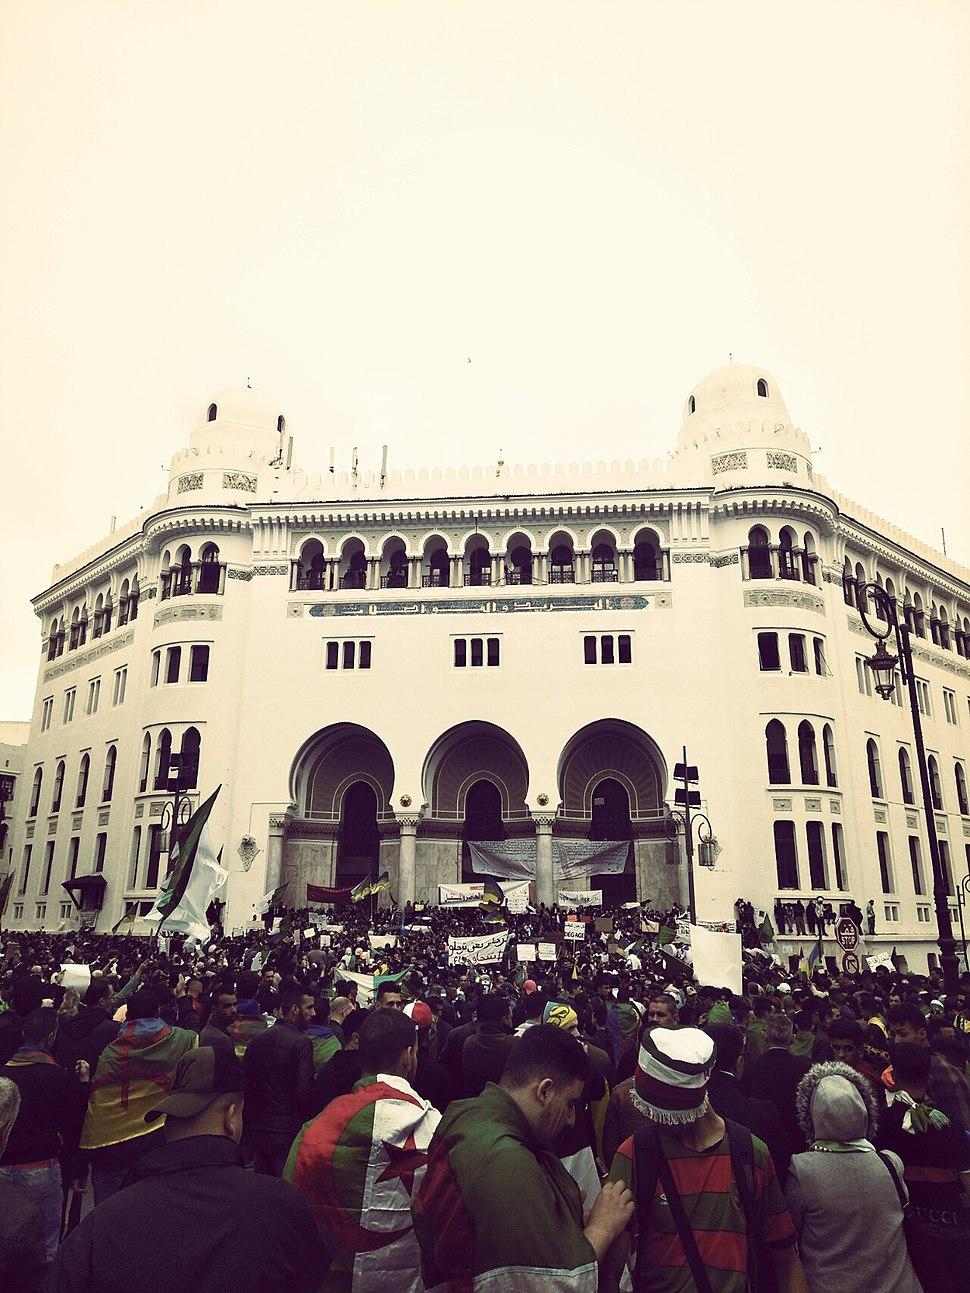 Manifestation Grande-Poste